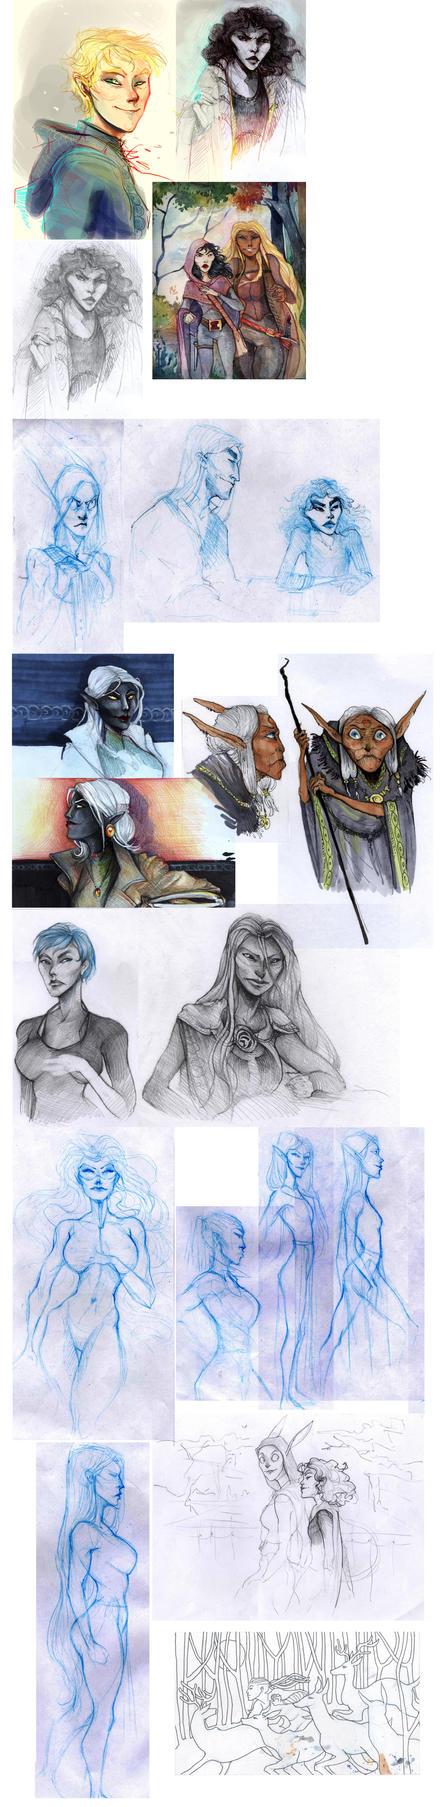 sketchdump 11 by Ne-sy